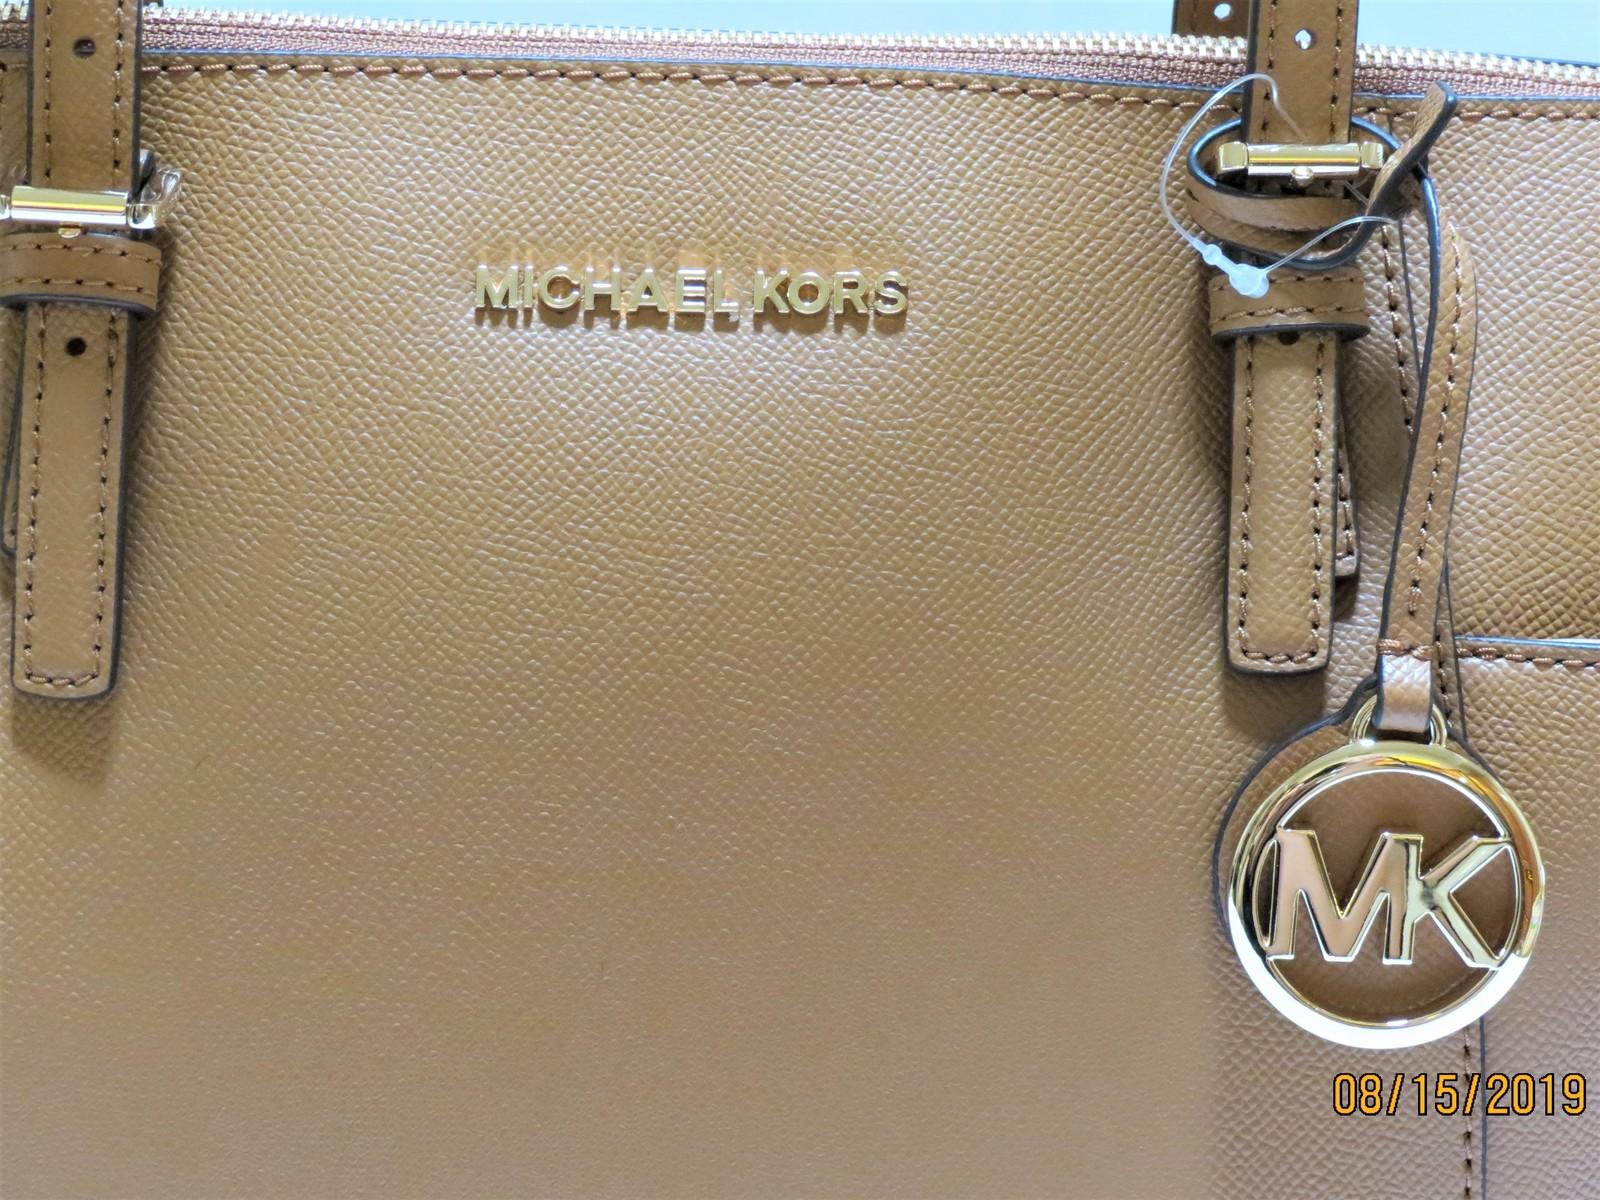 Michael Kors tan  leather Tote Handbag Brand New